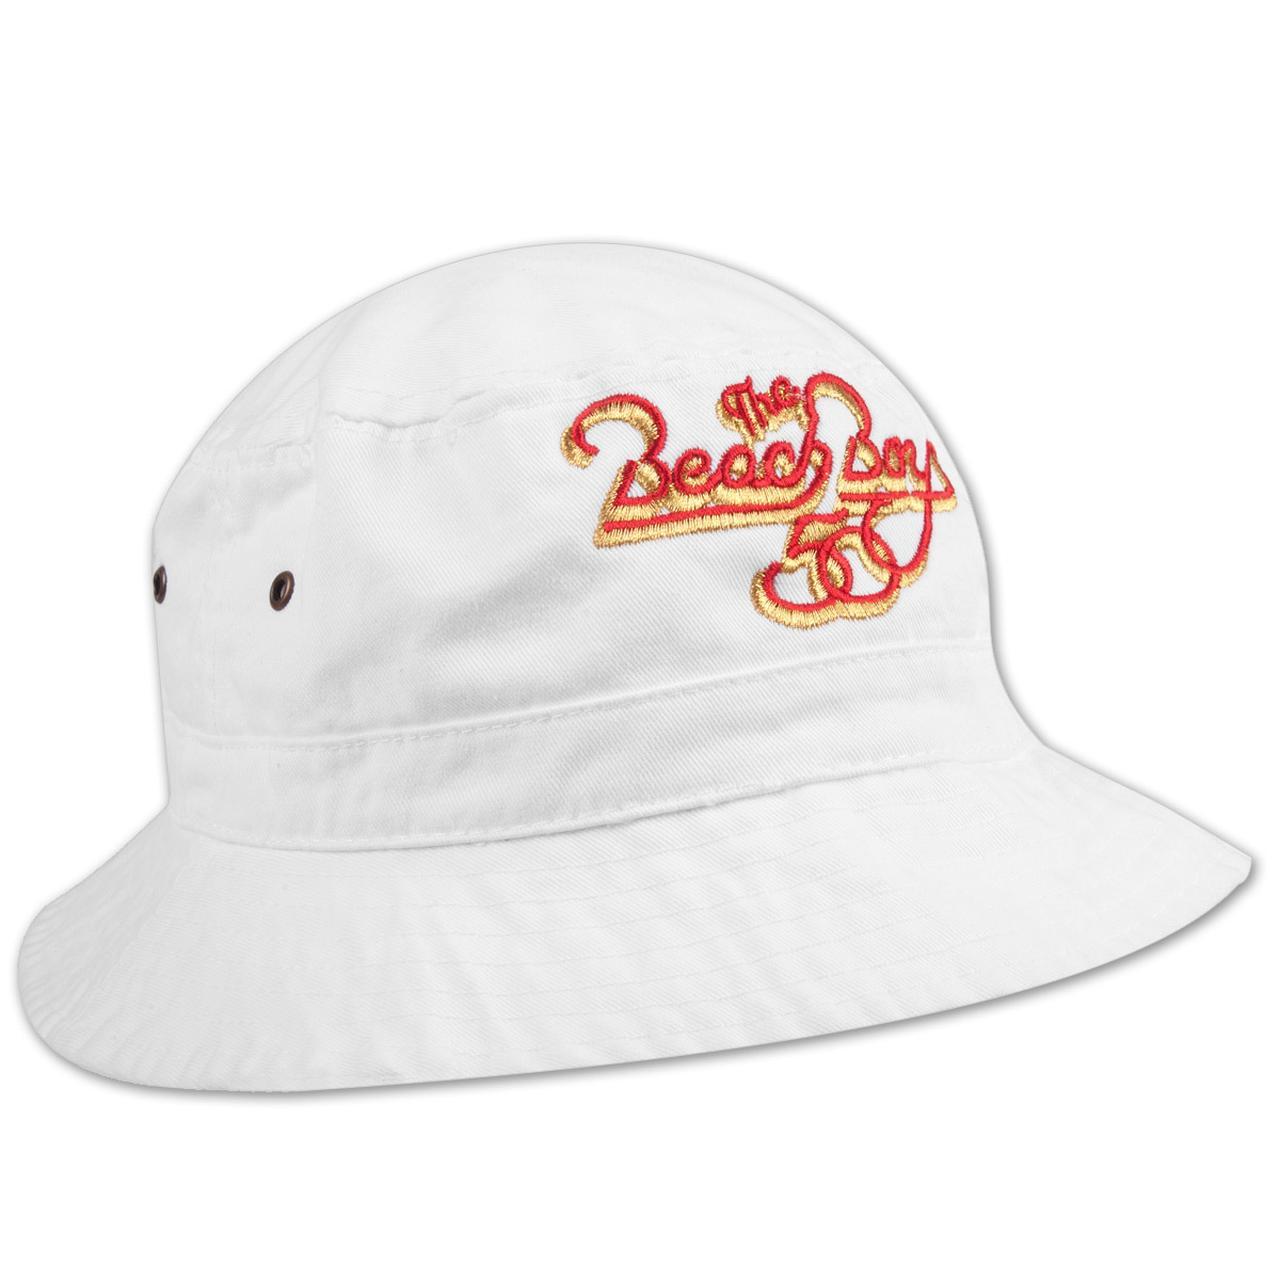 The Beach Boys Bucket Hat